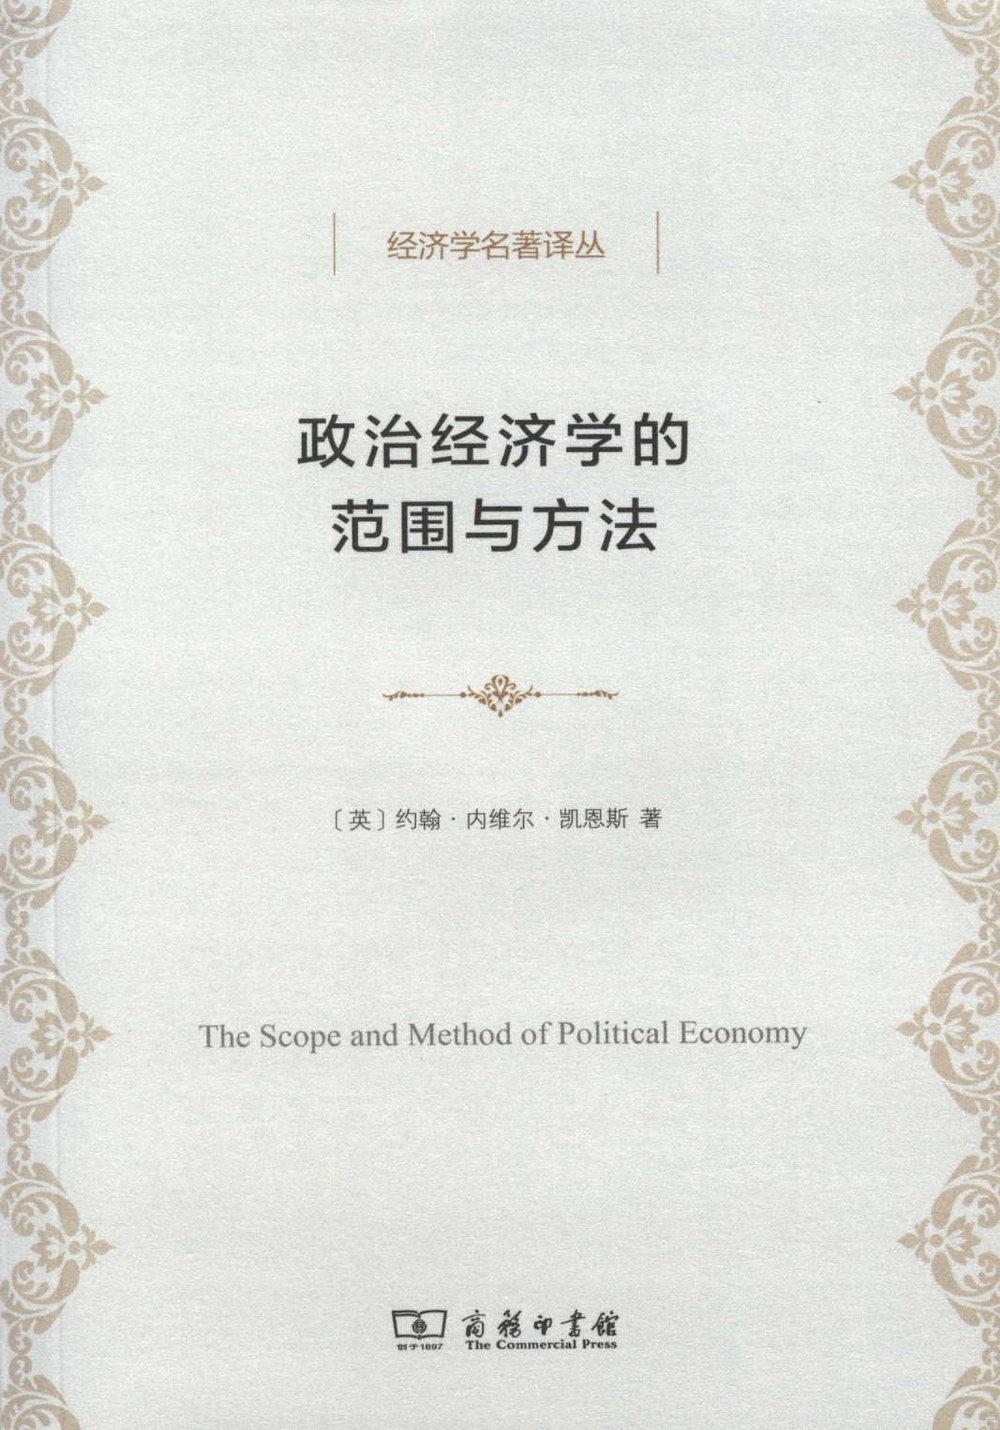 政治經濟學的范圍與方法